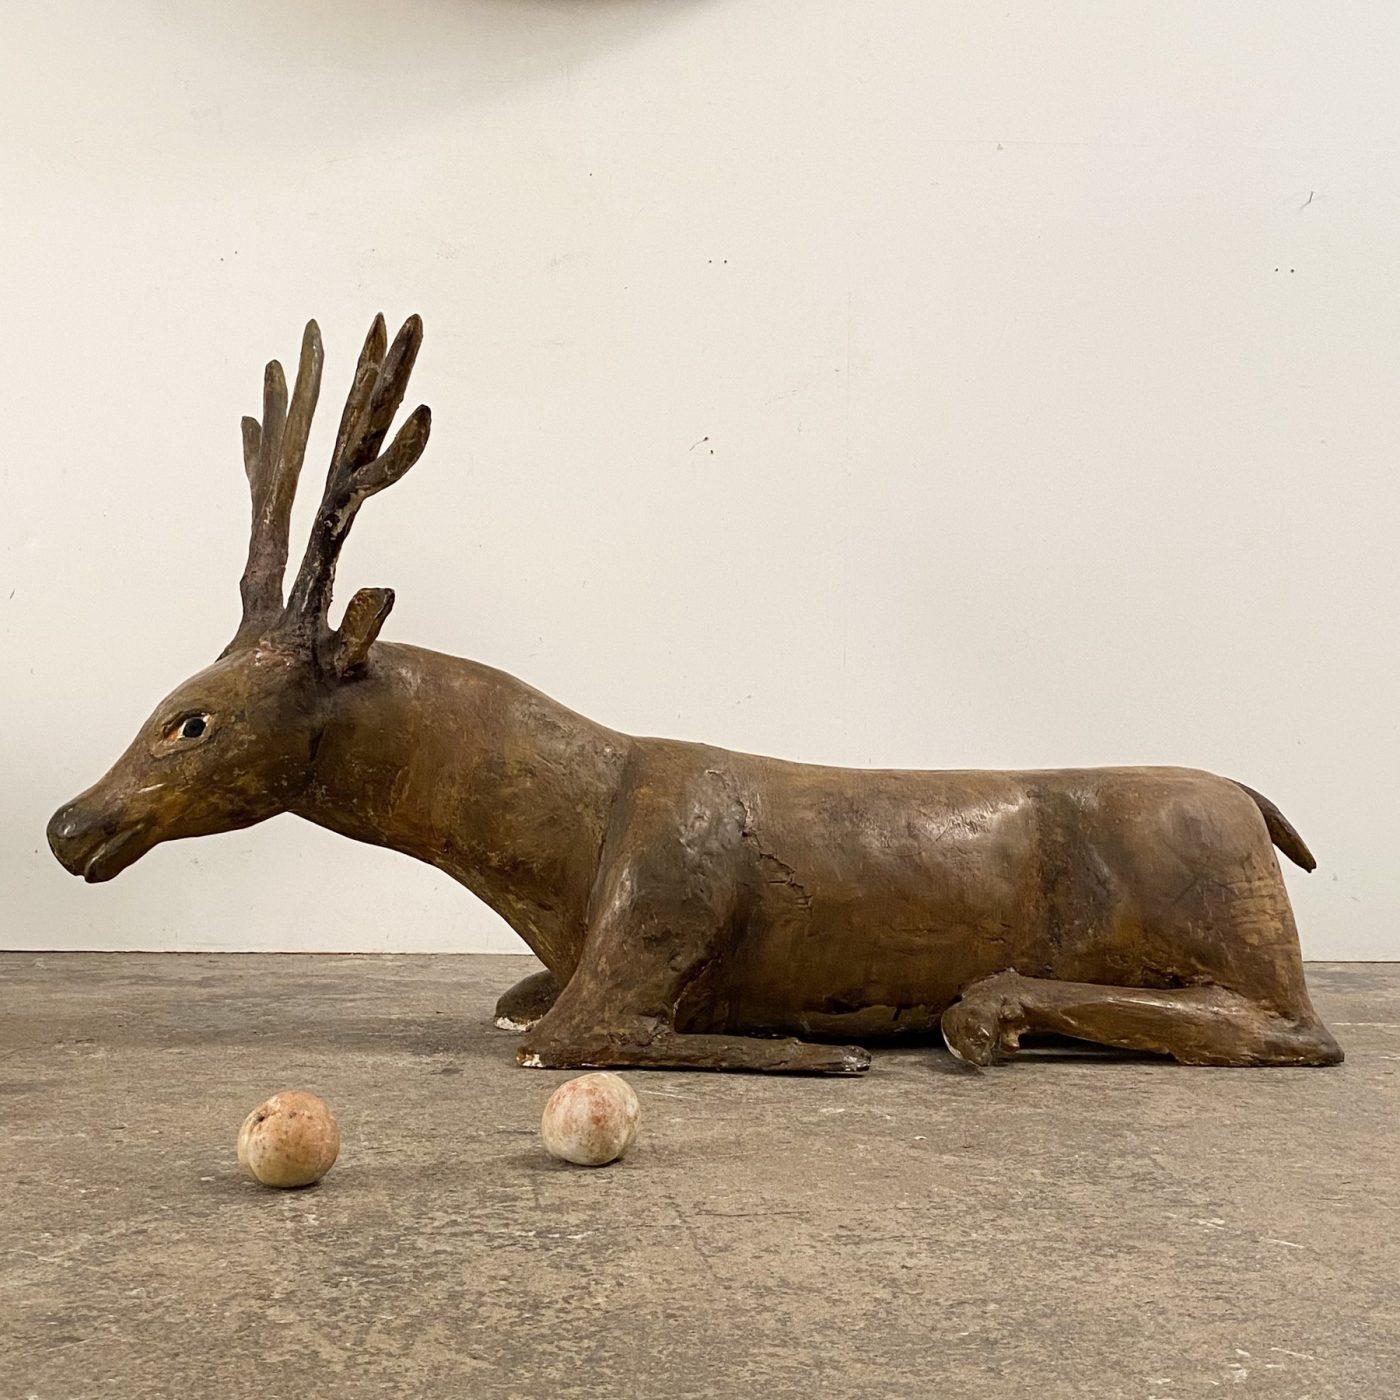 objet-vagabond-concrete-sculpture0011